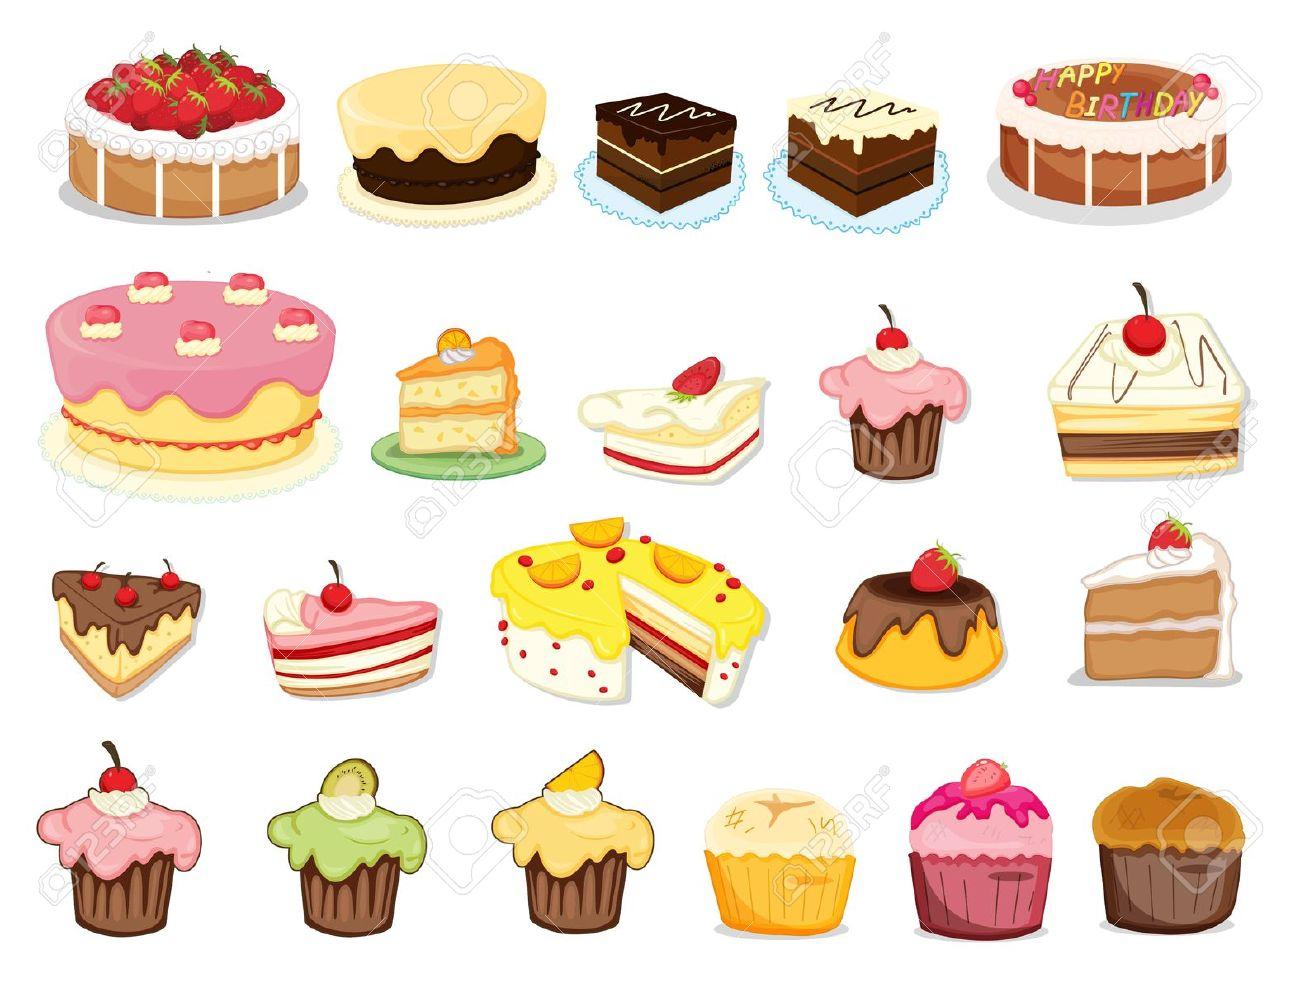 Desserts clip art - ClipartFox